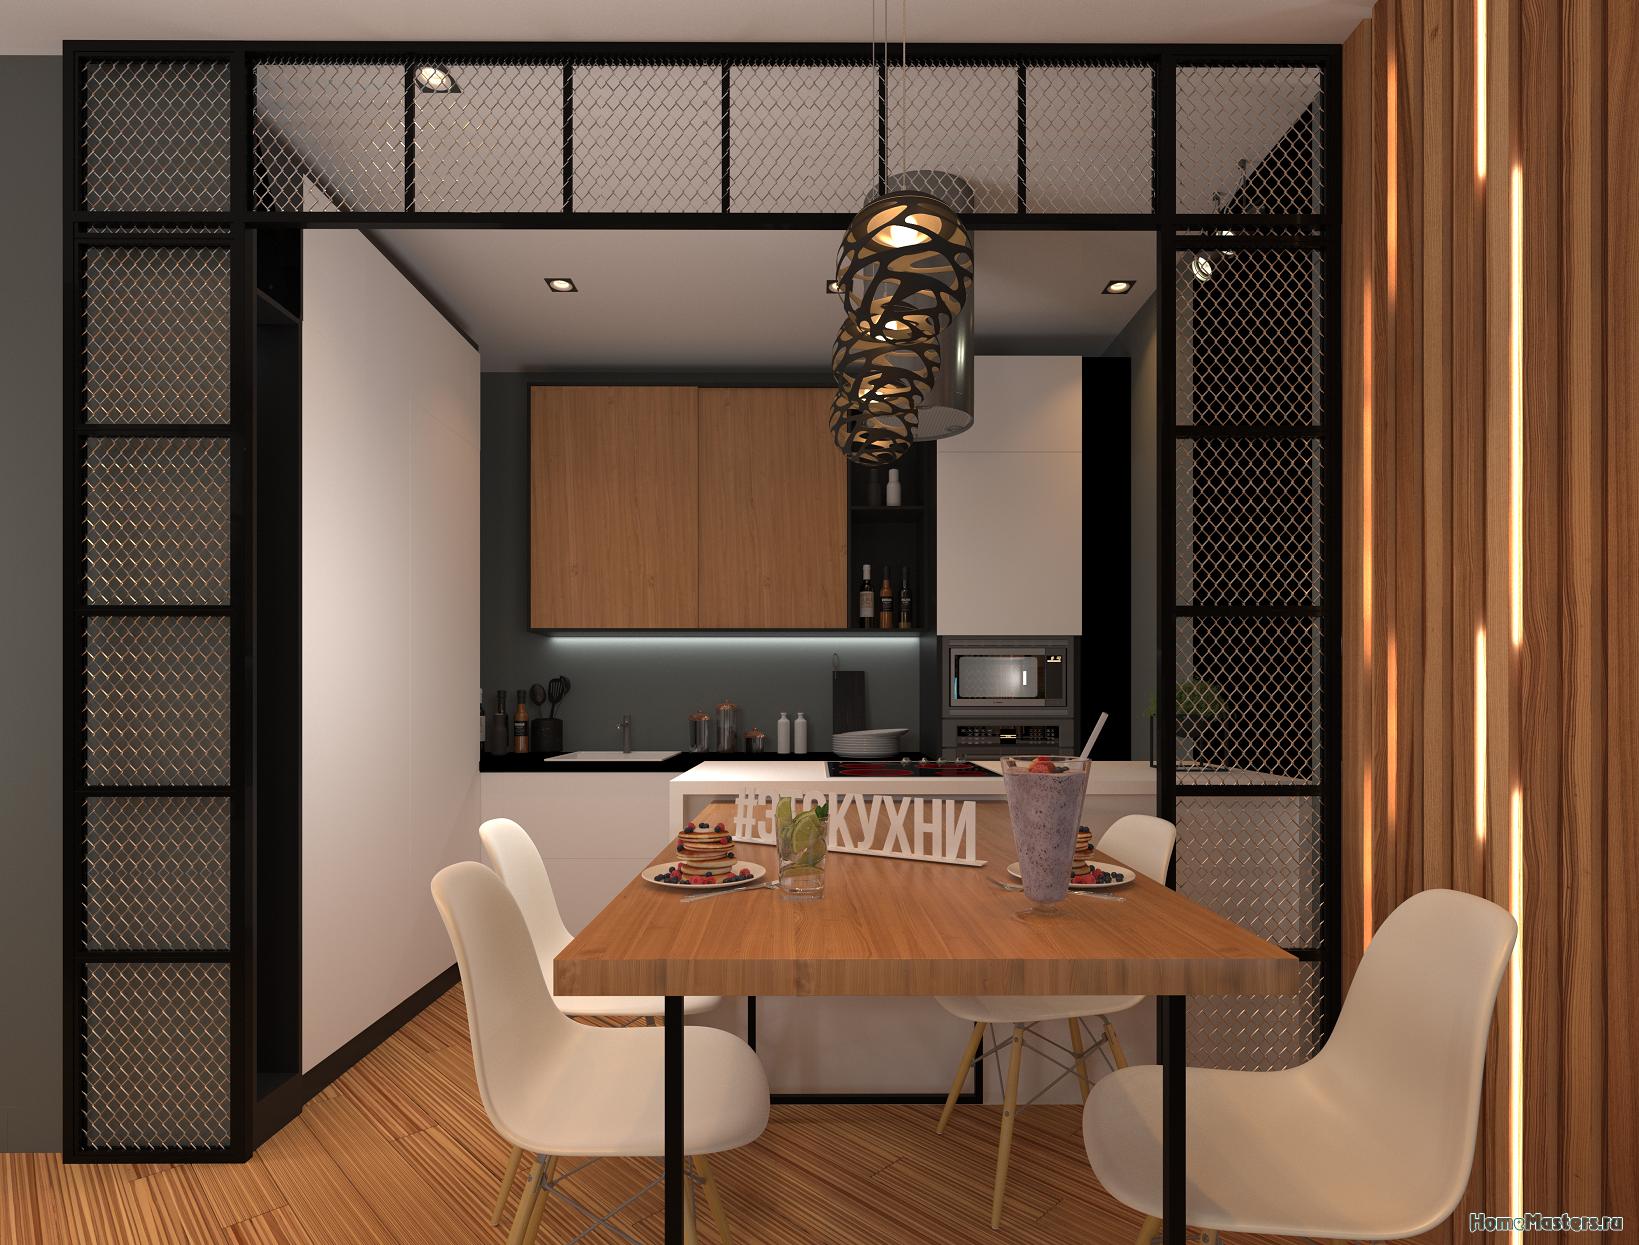 Фрагмент квартиры(кухня)